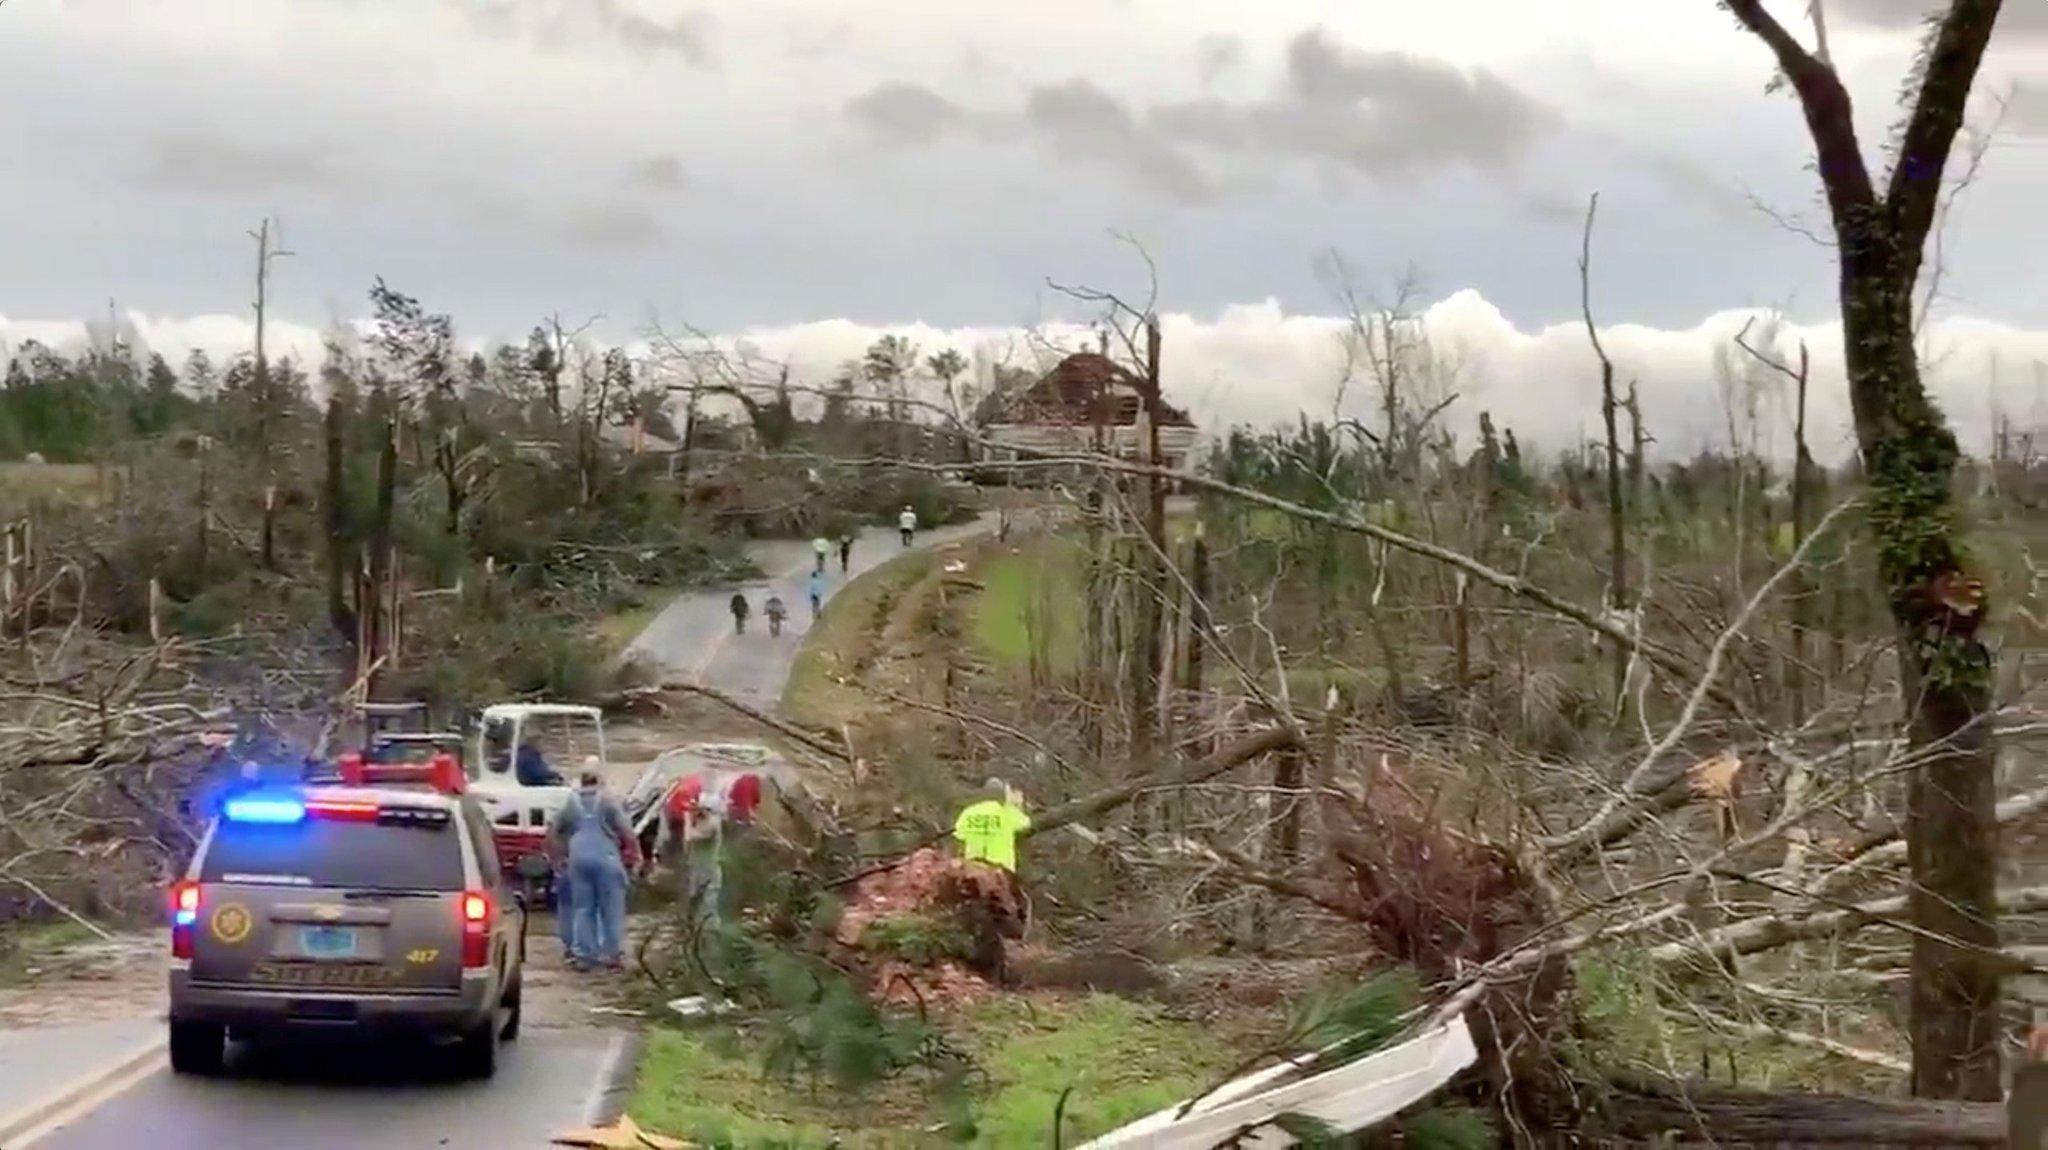 Violento tornado provoca una strage in Alabama: almeno 22 morti, anche bambini